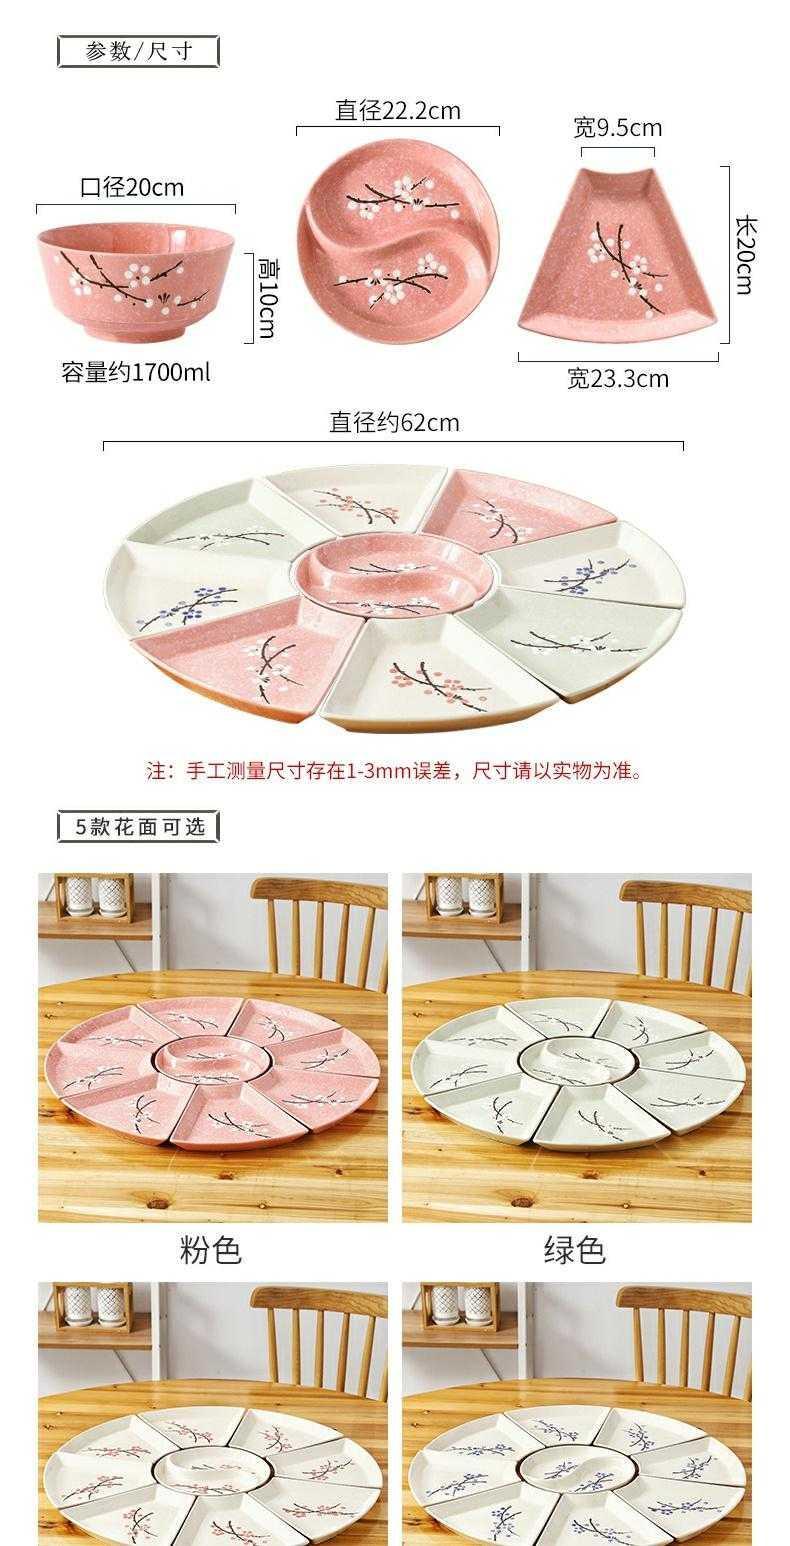 网红组合聚餐圆桌扇形陶瓷家宴创意同款家用套装摆盘餐具菜盘拼盘